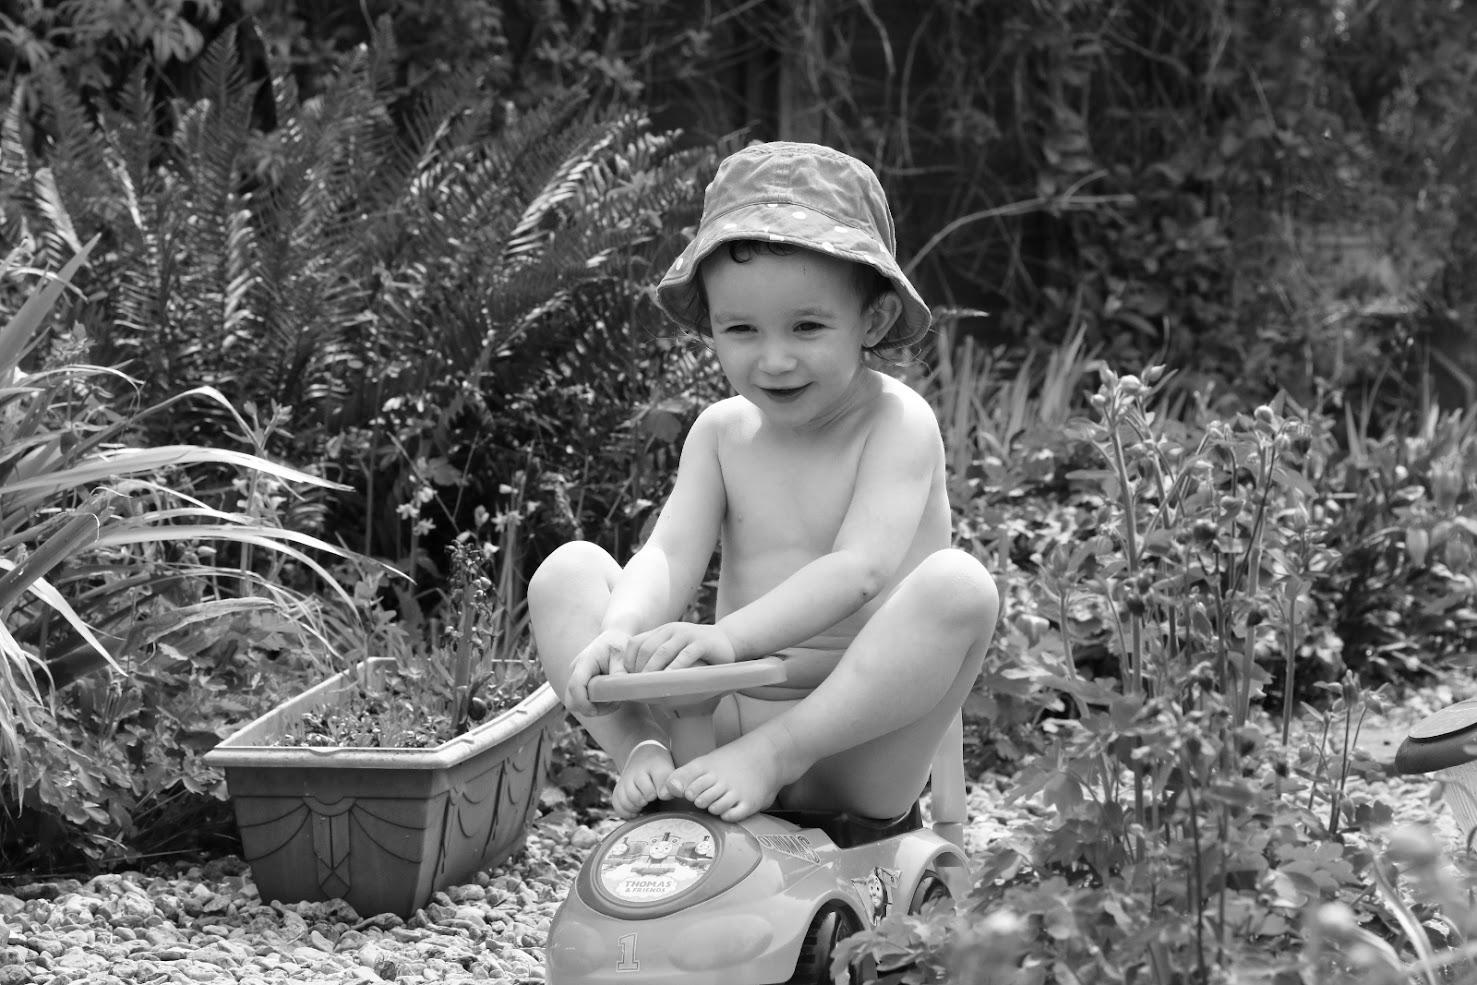 Day 3 Humuhumu In The Garden NEKKID TIME